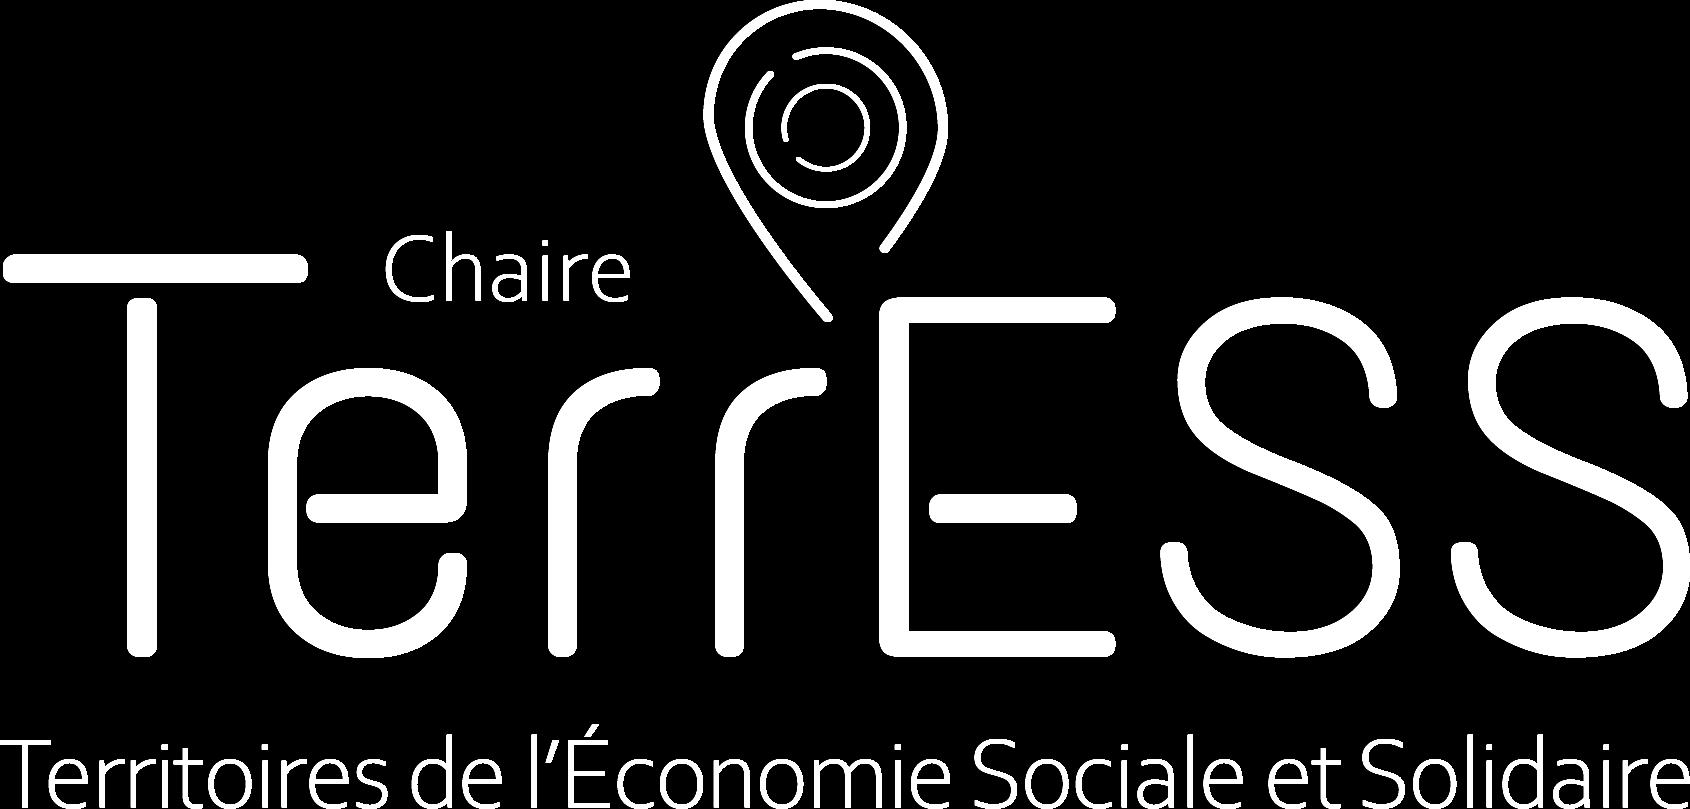 Territoires de l'économie sociale et solidaire